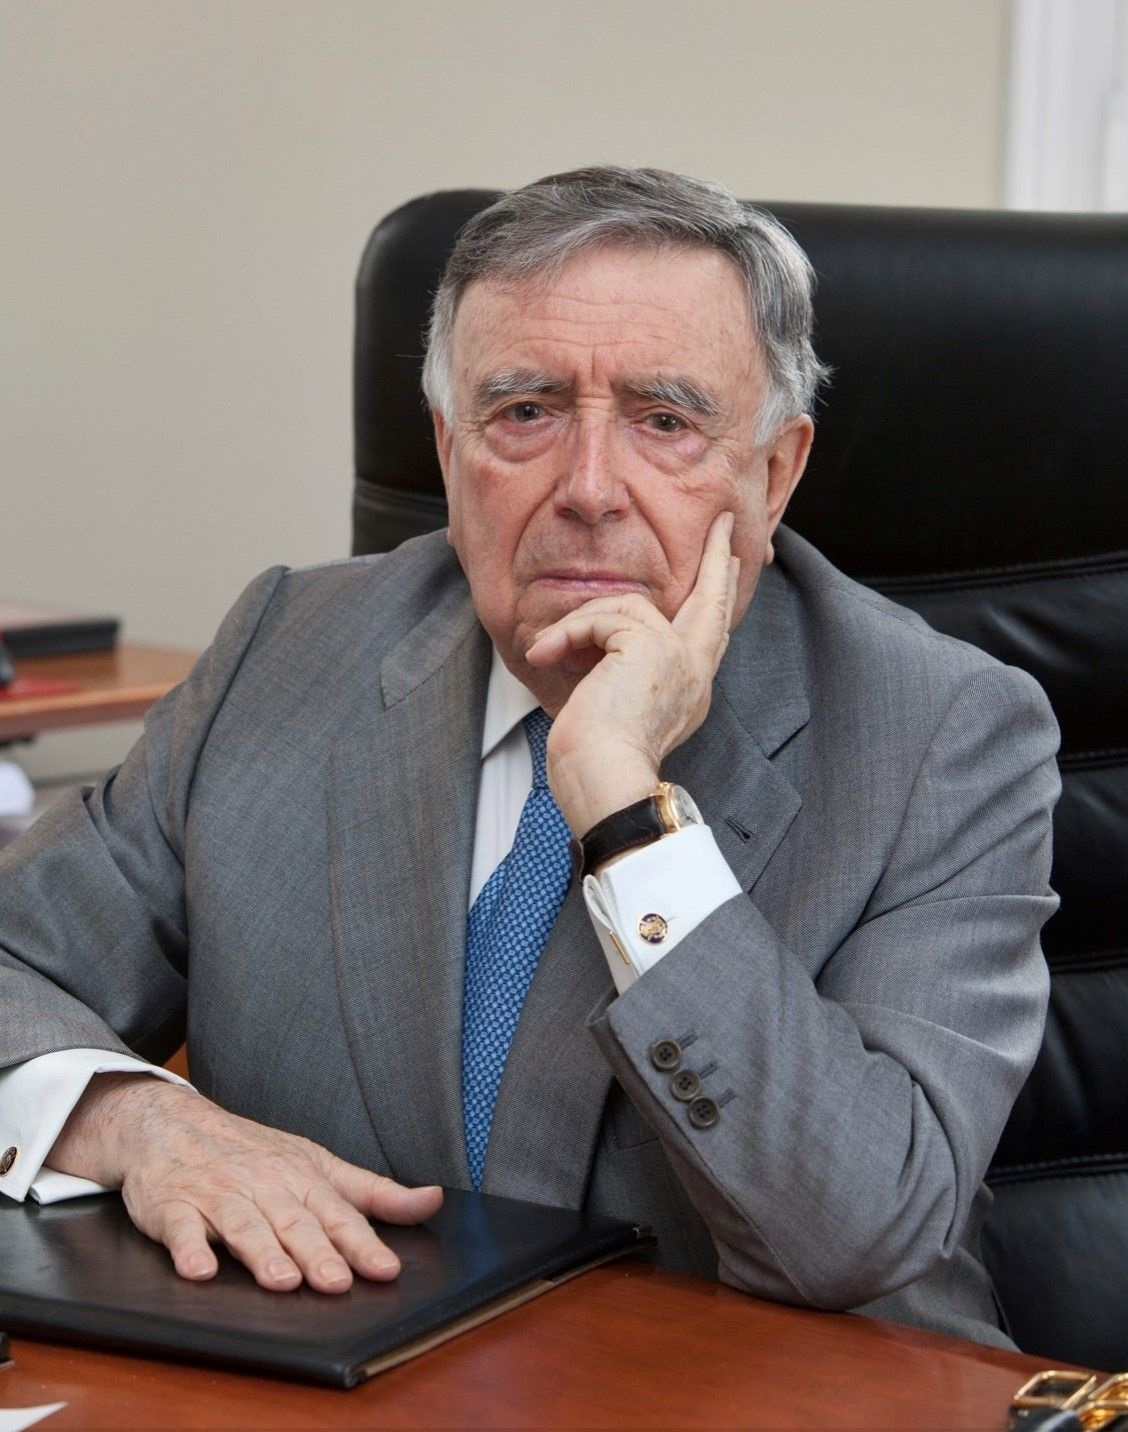 LUIS MARÍA ANSON PRESIDENTE DE LA SOCIEDAD EUROPEA DE FOMENTO SOCIAL Y CULTURALAutor: GTRES